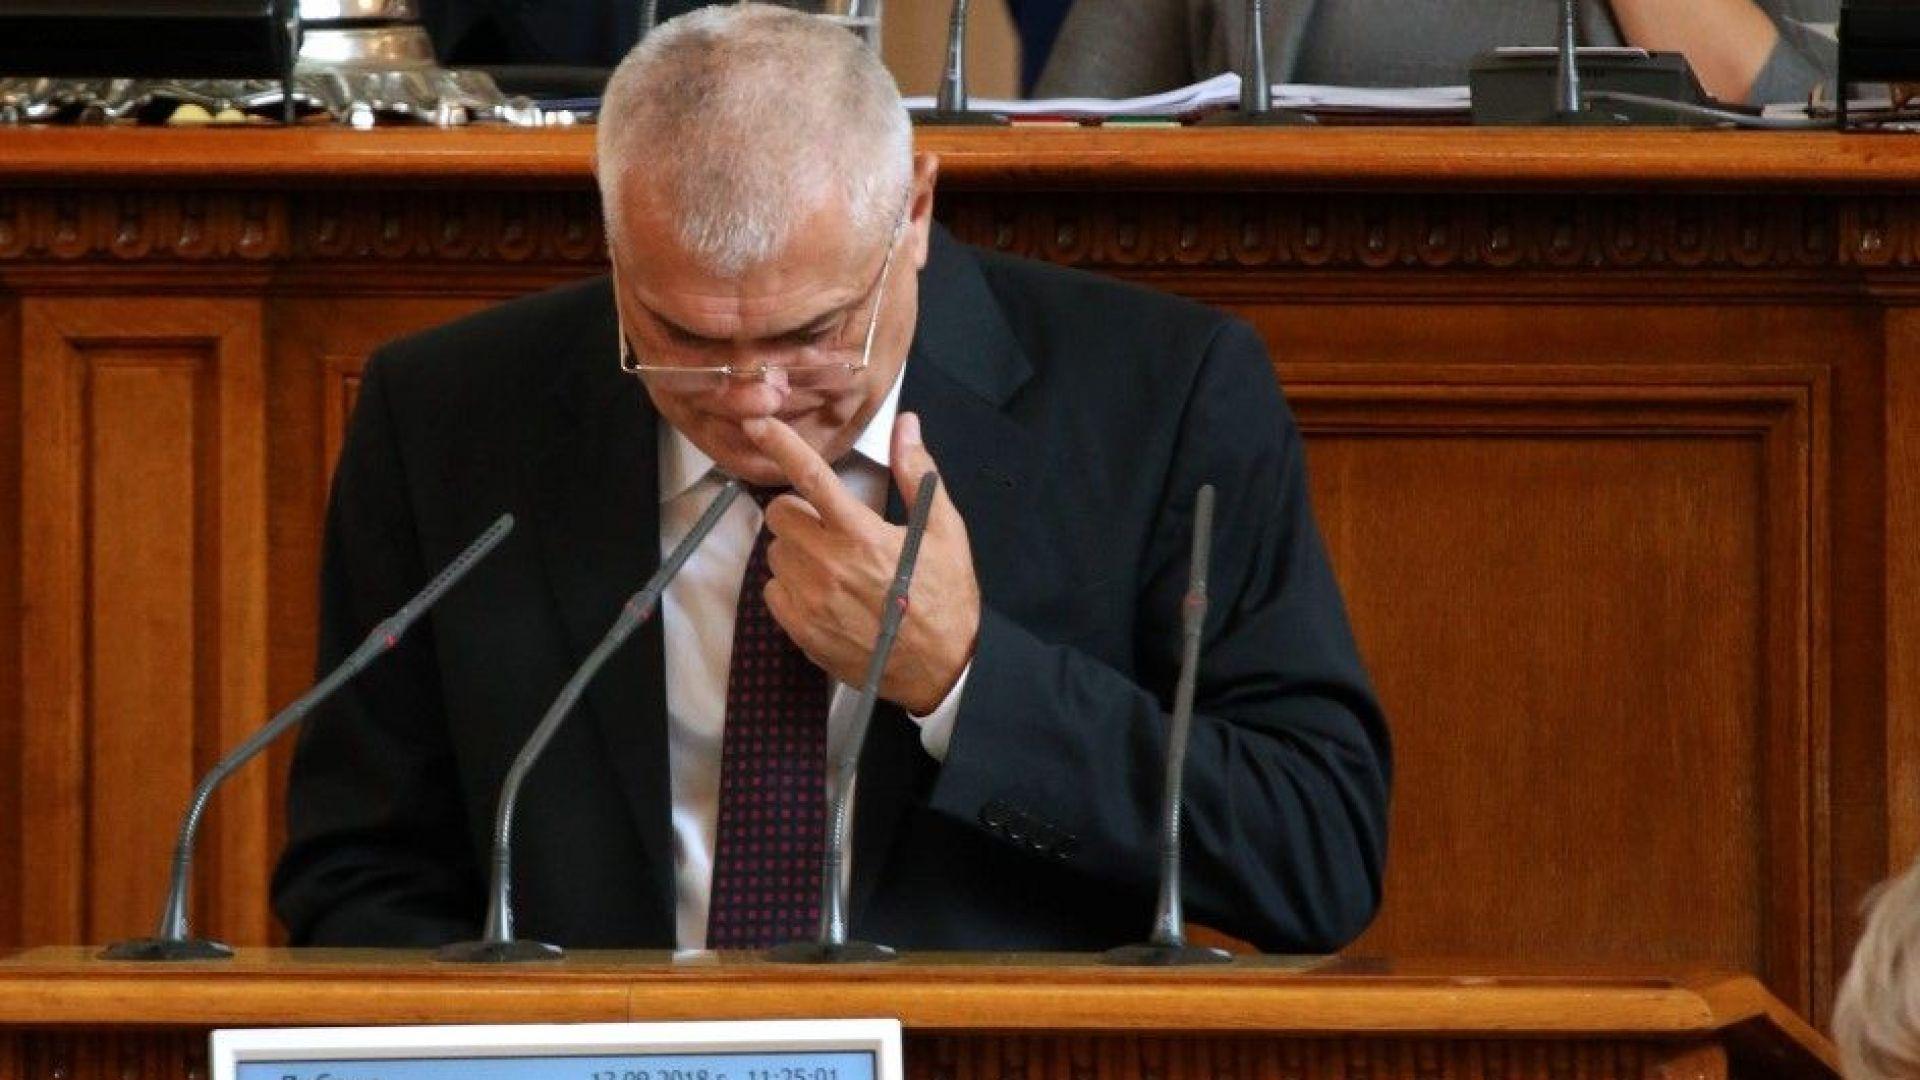 МВР: Братът на депутата от БСП е напуснал страната легално